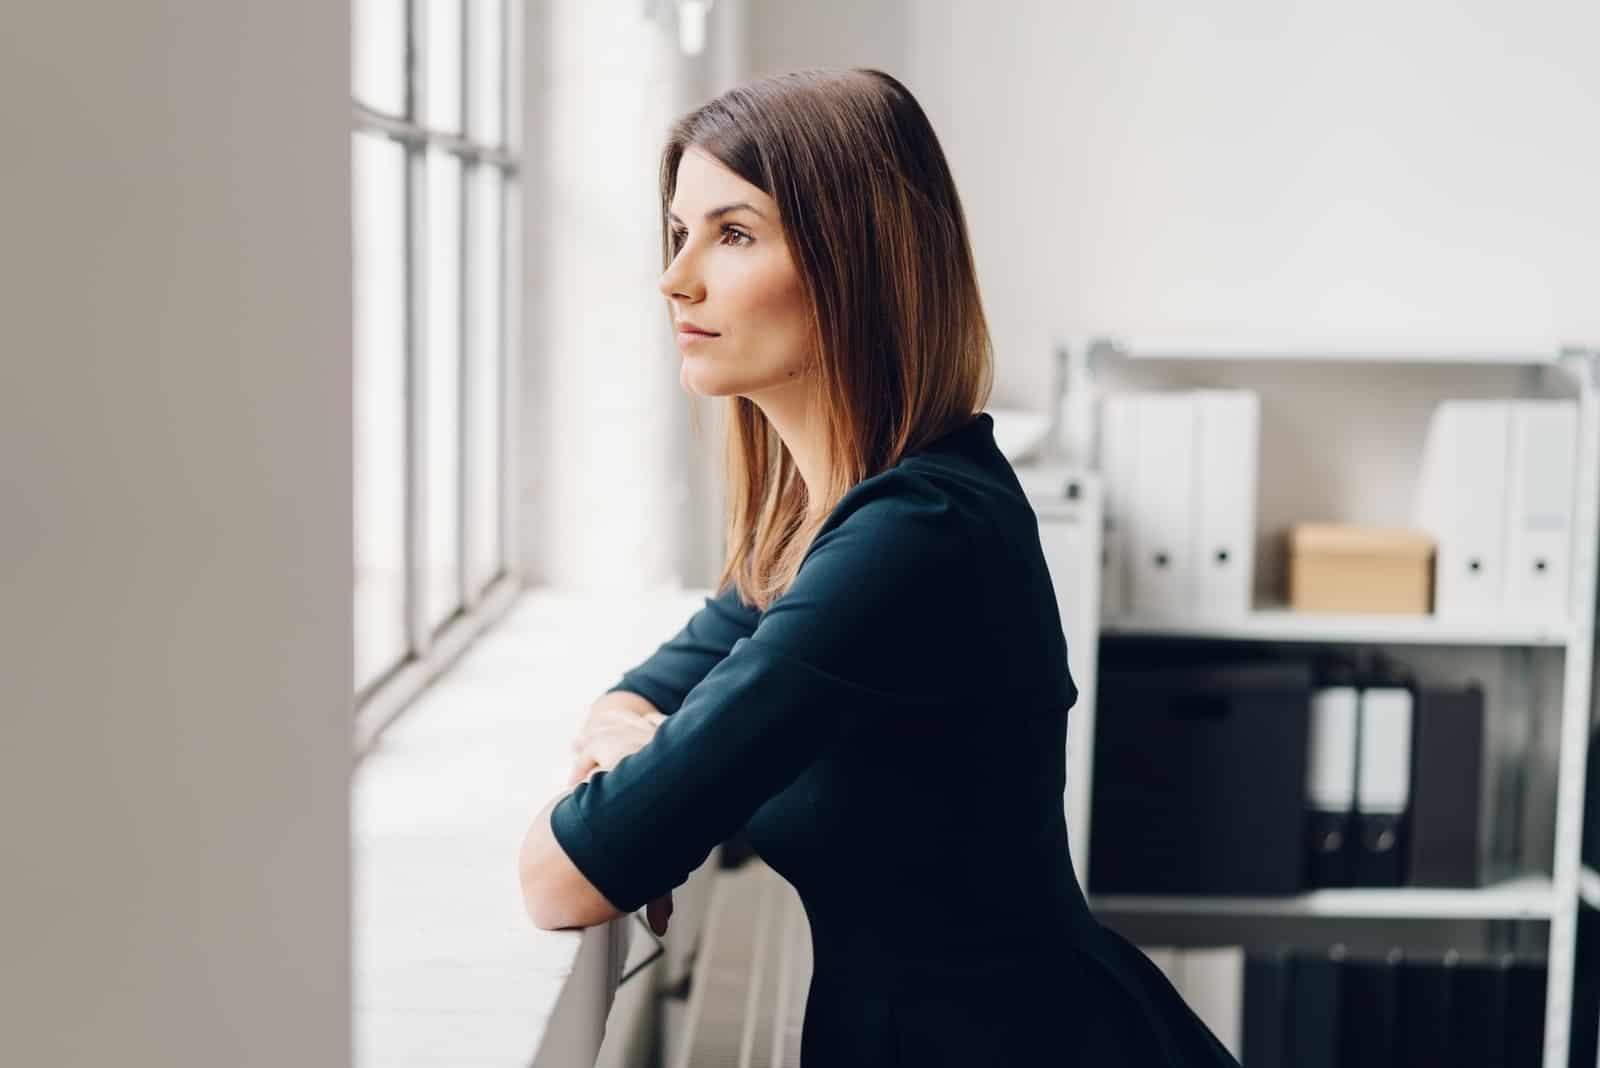 Frau, die durch das Fenster schaut